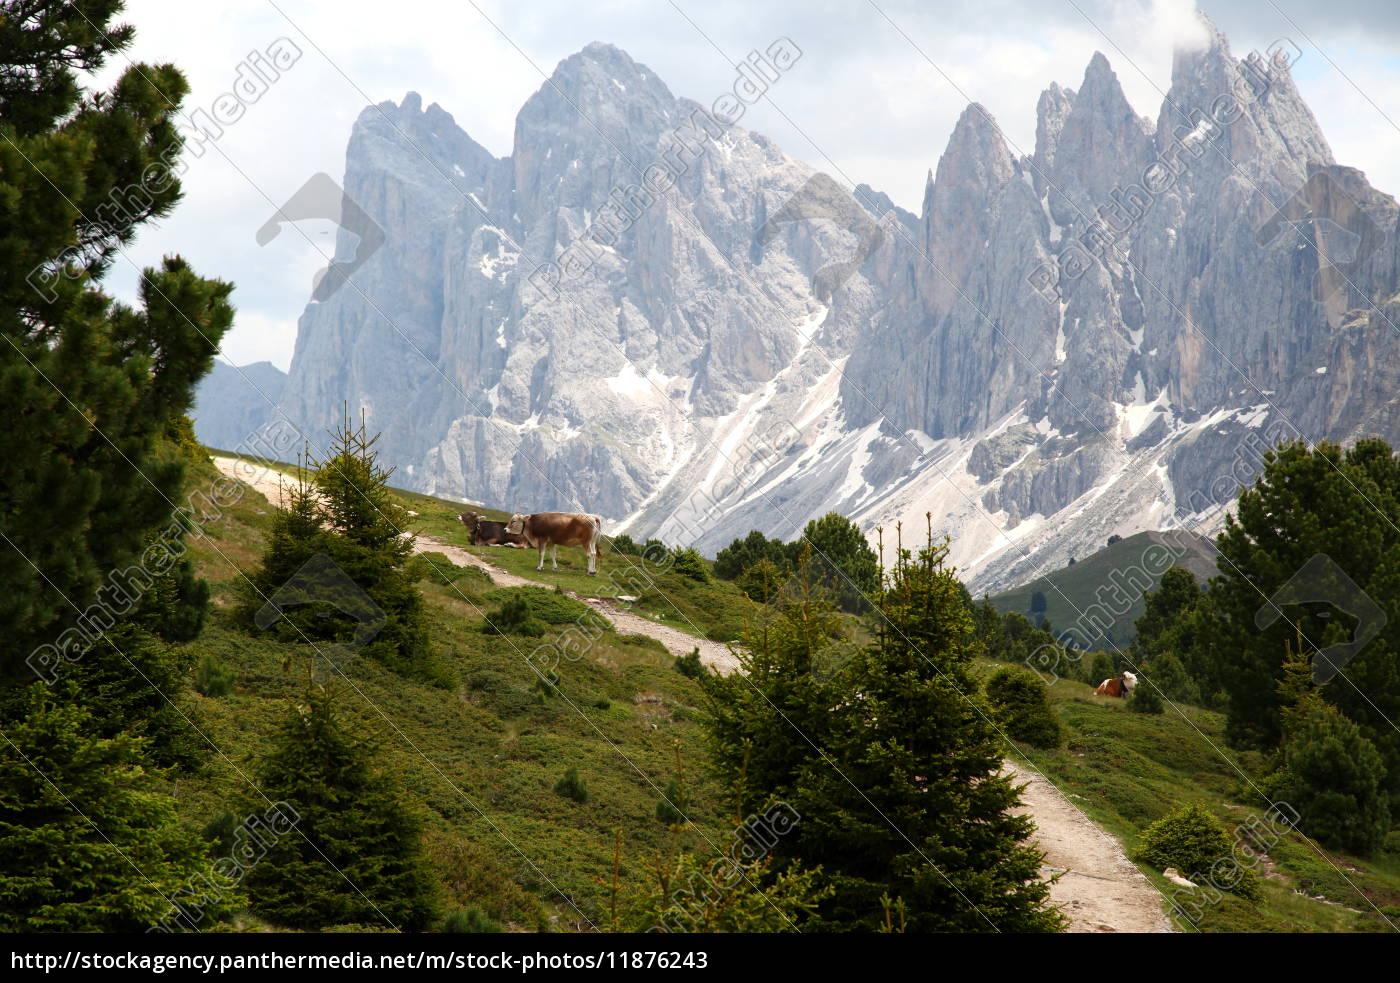 Natur, Reise, Urlaub, Panorama, Horizont, Wolken - 11876243